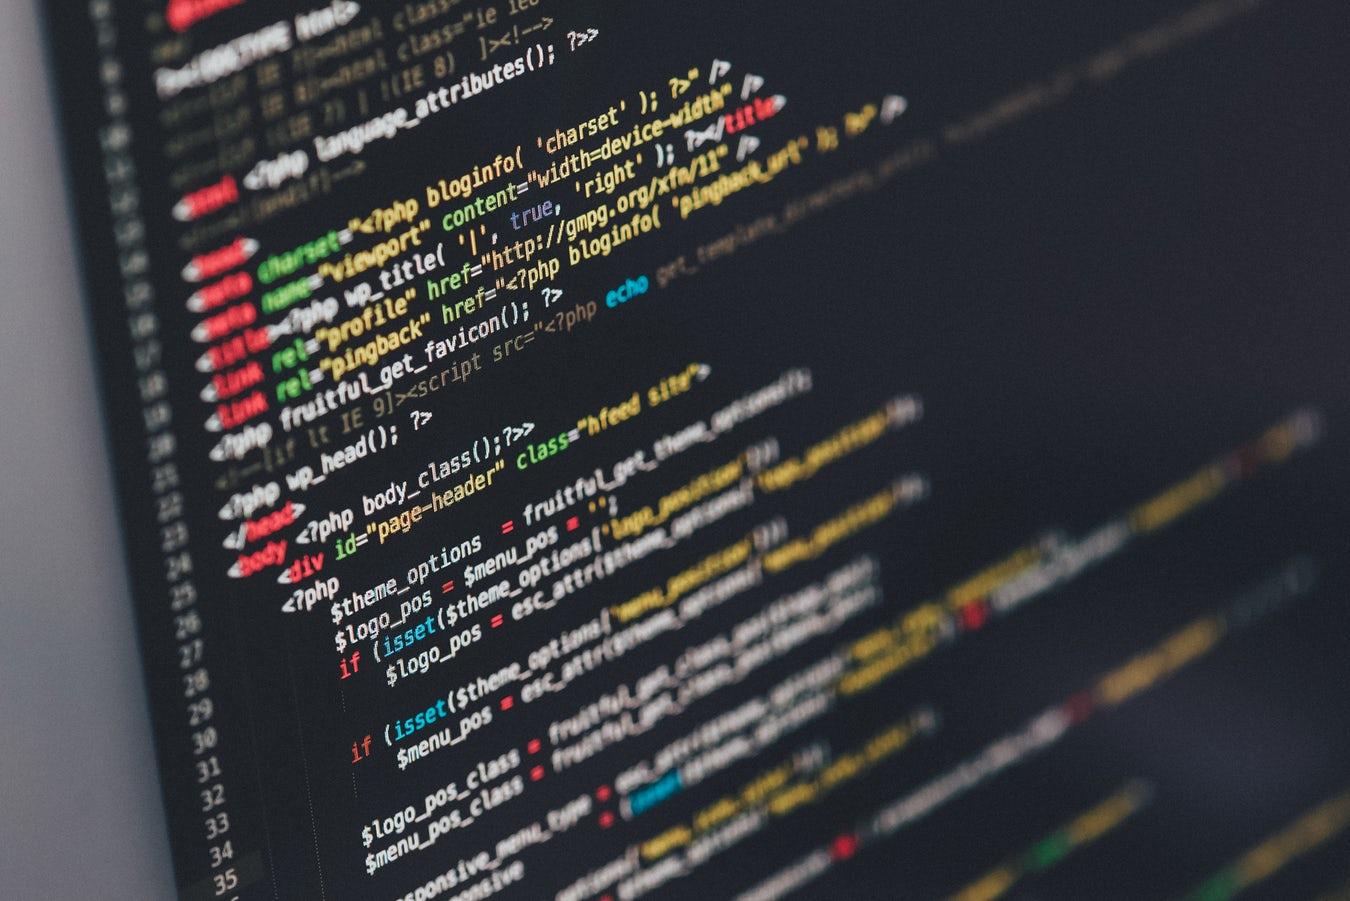 Säkra era loginuppgifter med Quicksearch